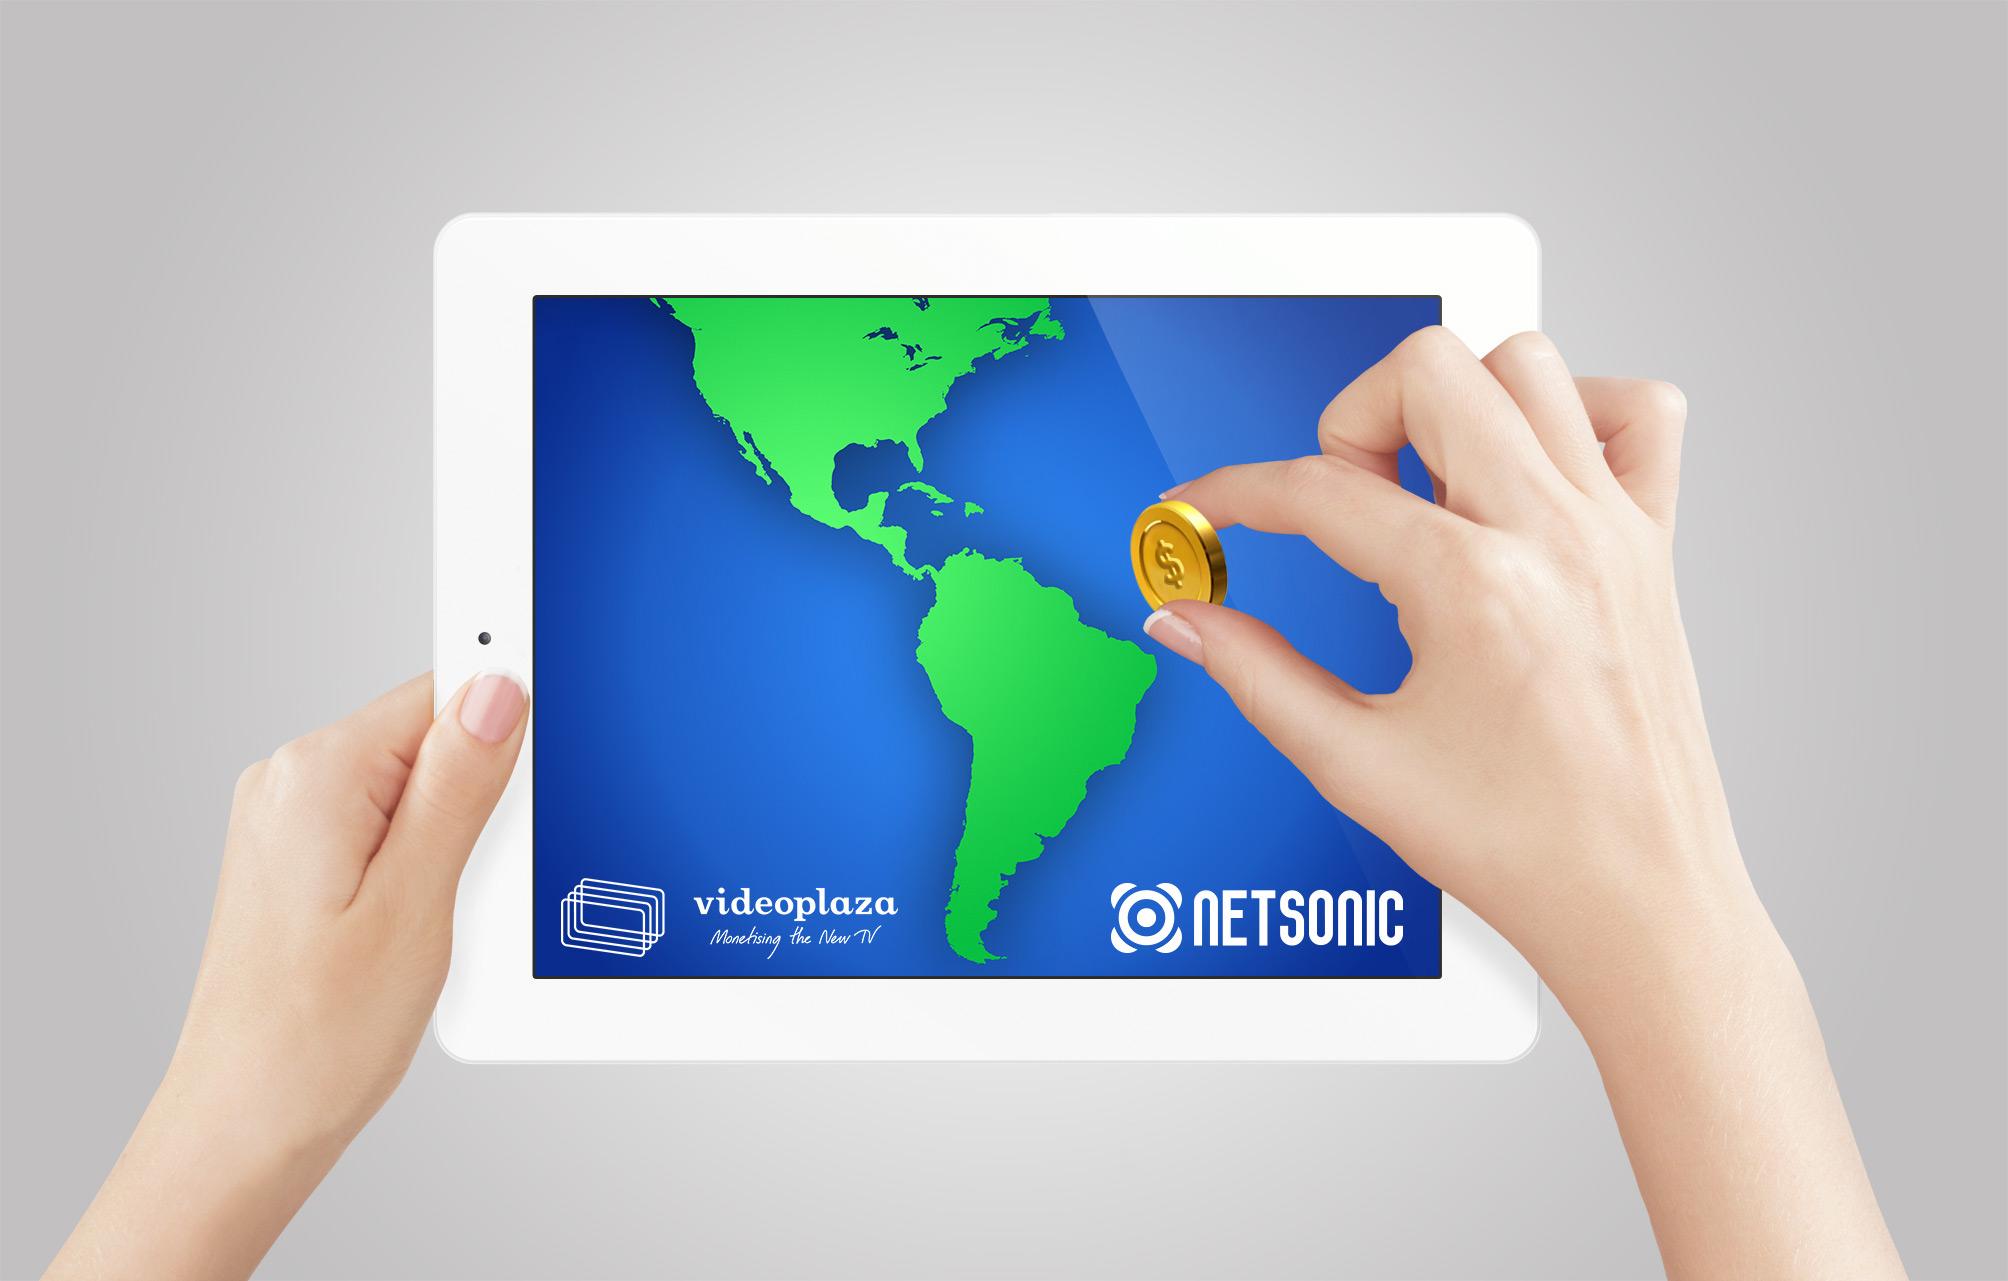 Netsonic y Videoplaza traen la monetización del video a Latinoamérica.